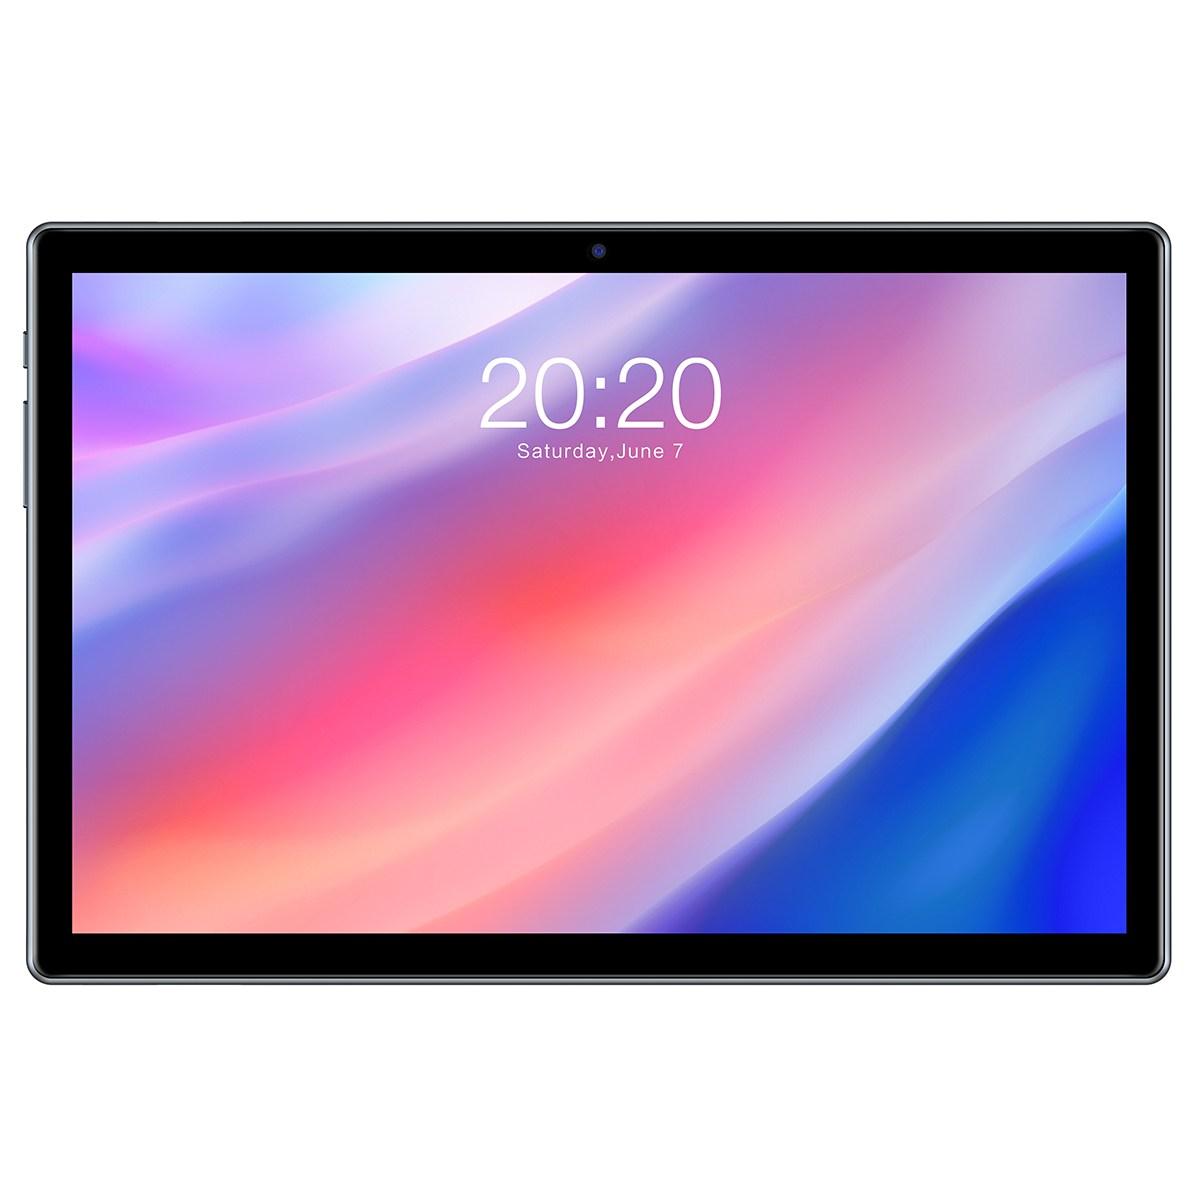 [인기 신제품] Taipower P20 P20HD 10.1 인치 풀 넷콤 4G 안드로이드 10 태블릿 4G + 64G AI 스마트, 실버 전에 블랙, 32GB_전체 Netcom 4G + WIFI_패키지 3